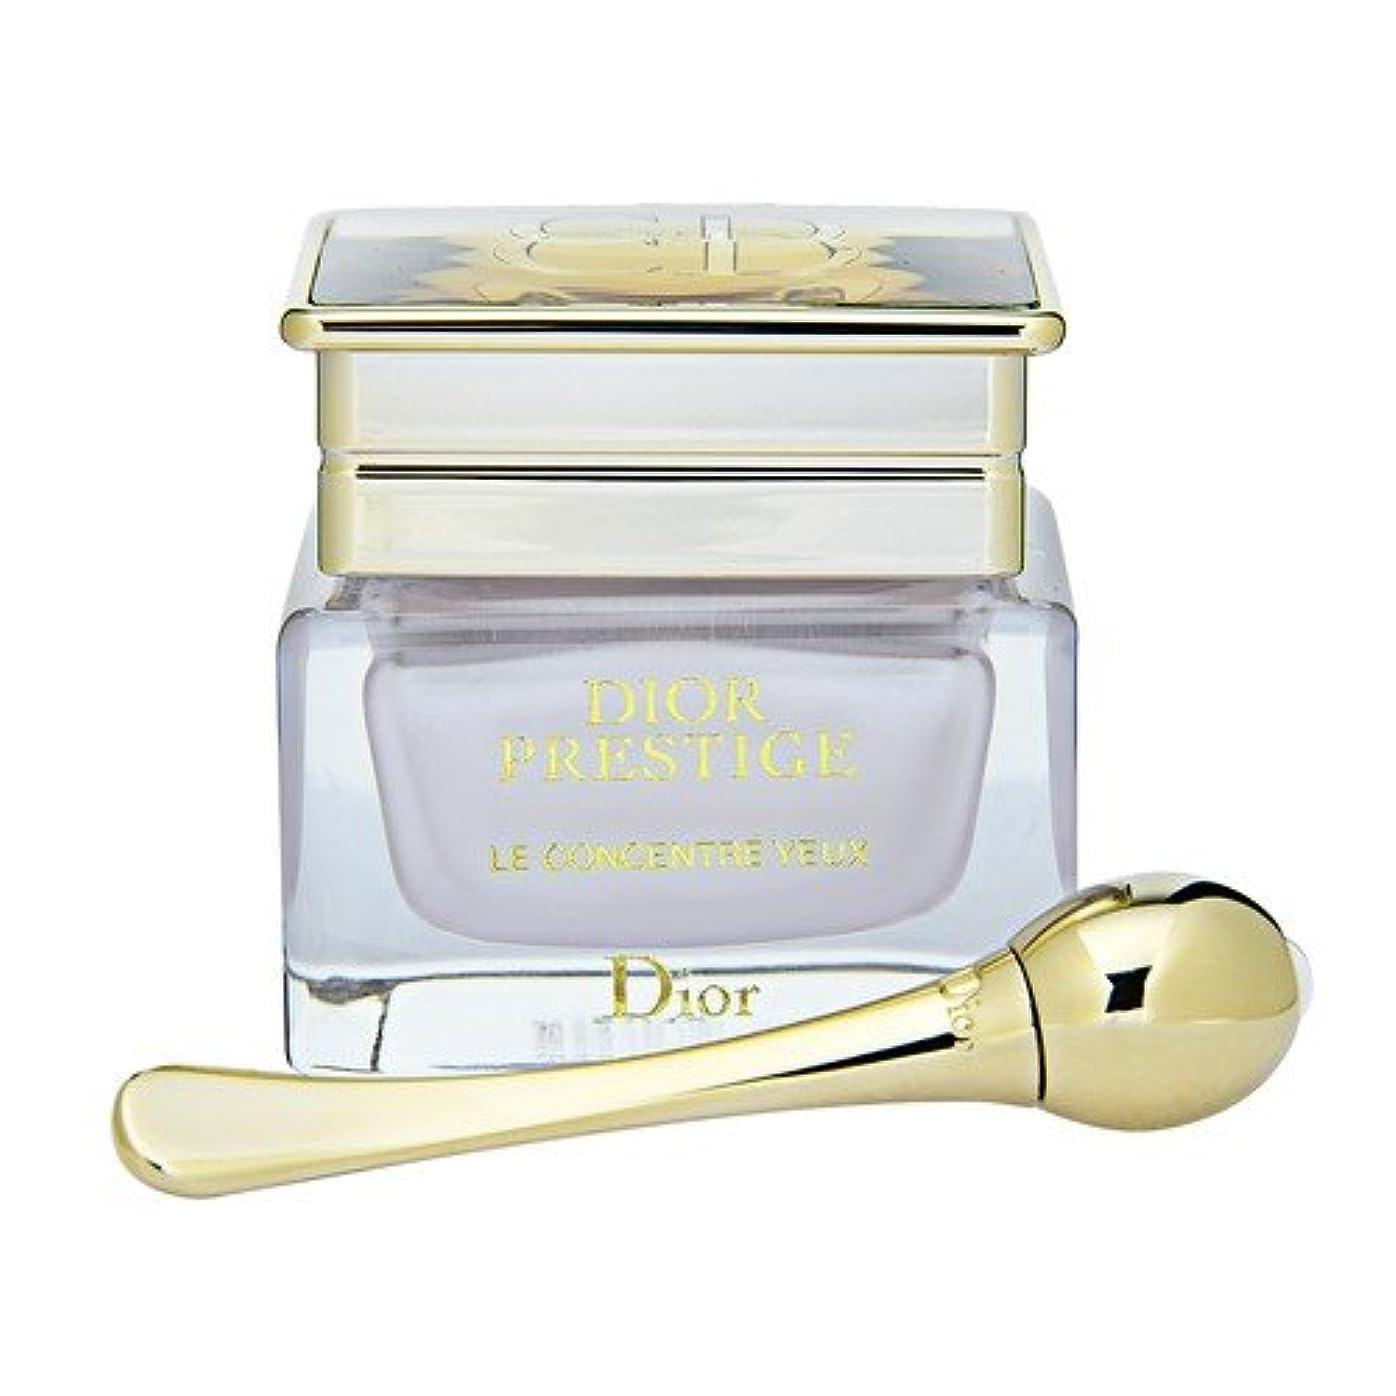 クリスチャン ディオール(Christian Dior) プレステージ ル コンサントレ ユー 15ml[並行輸入品]